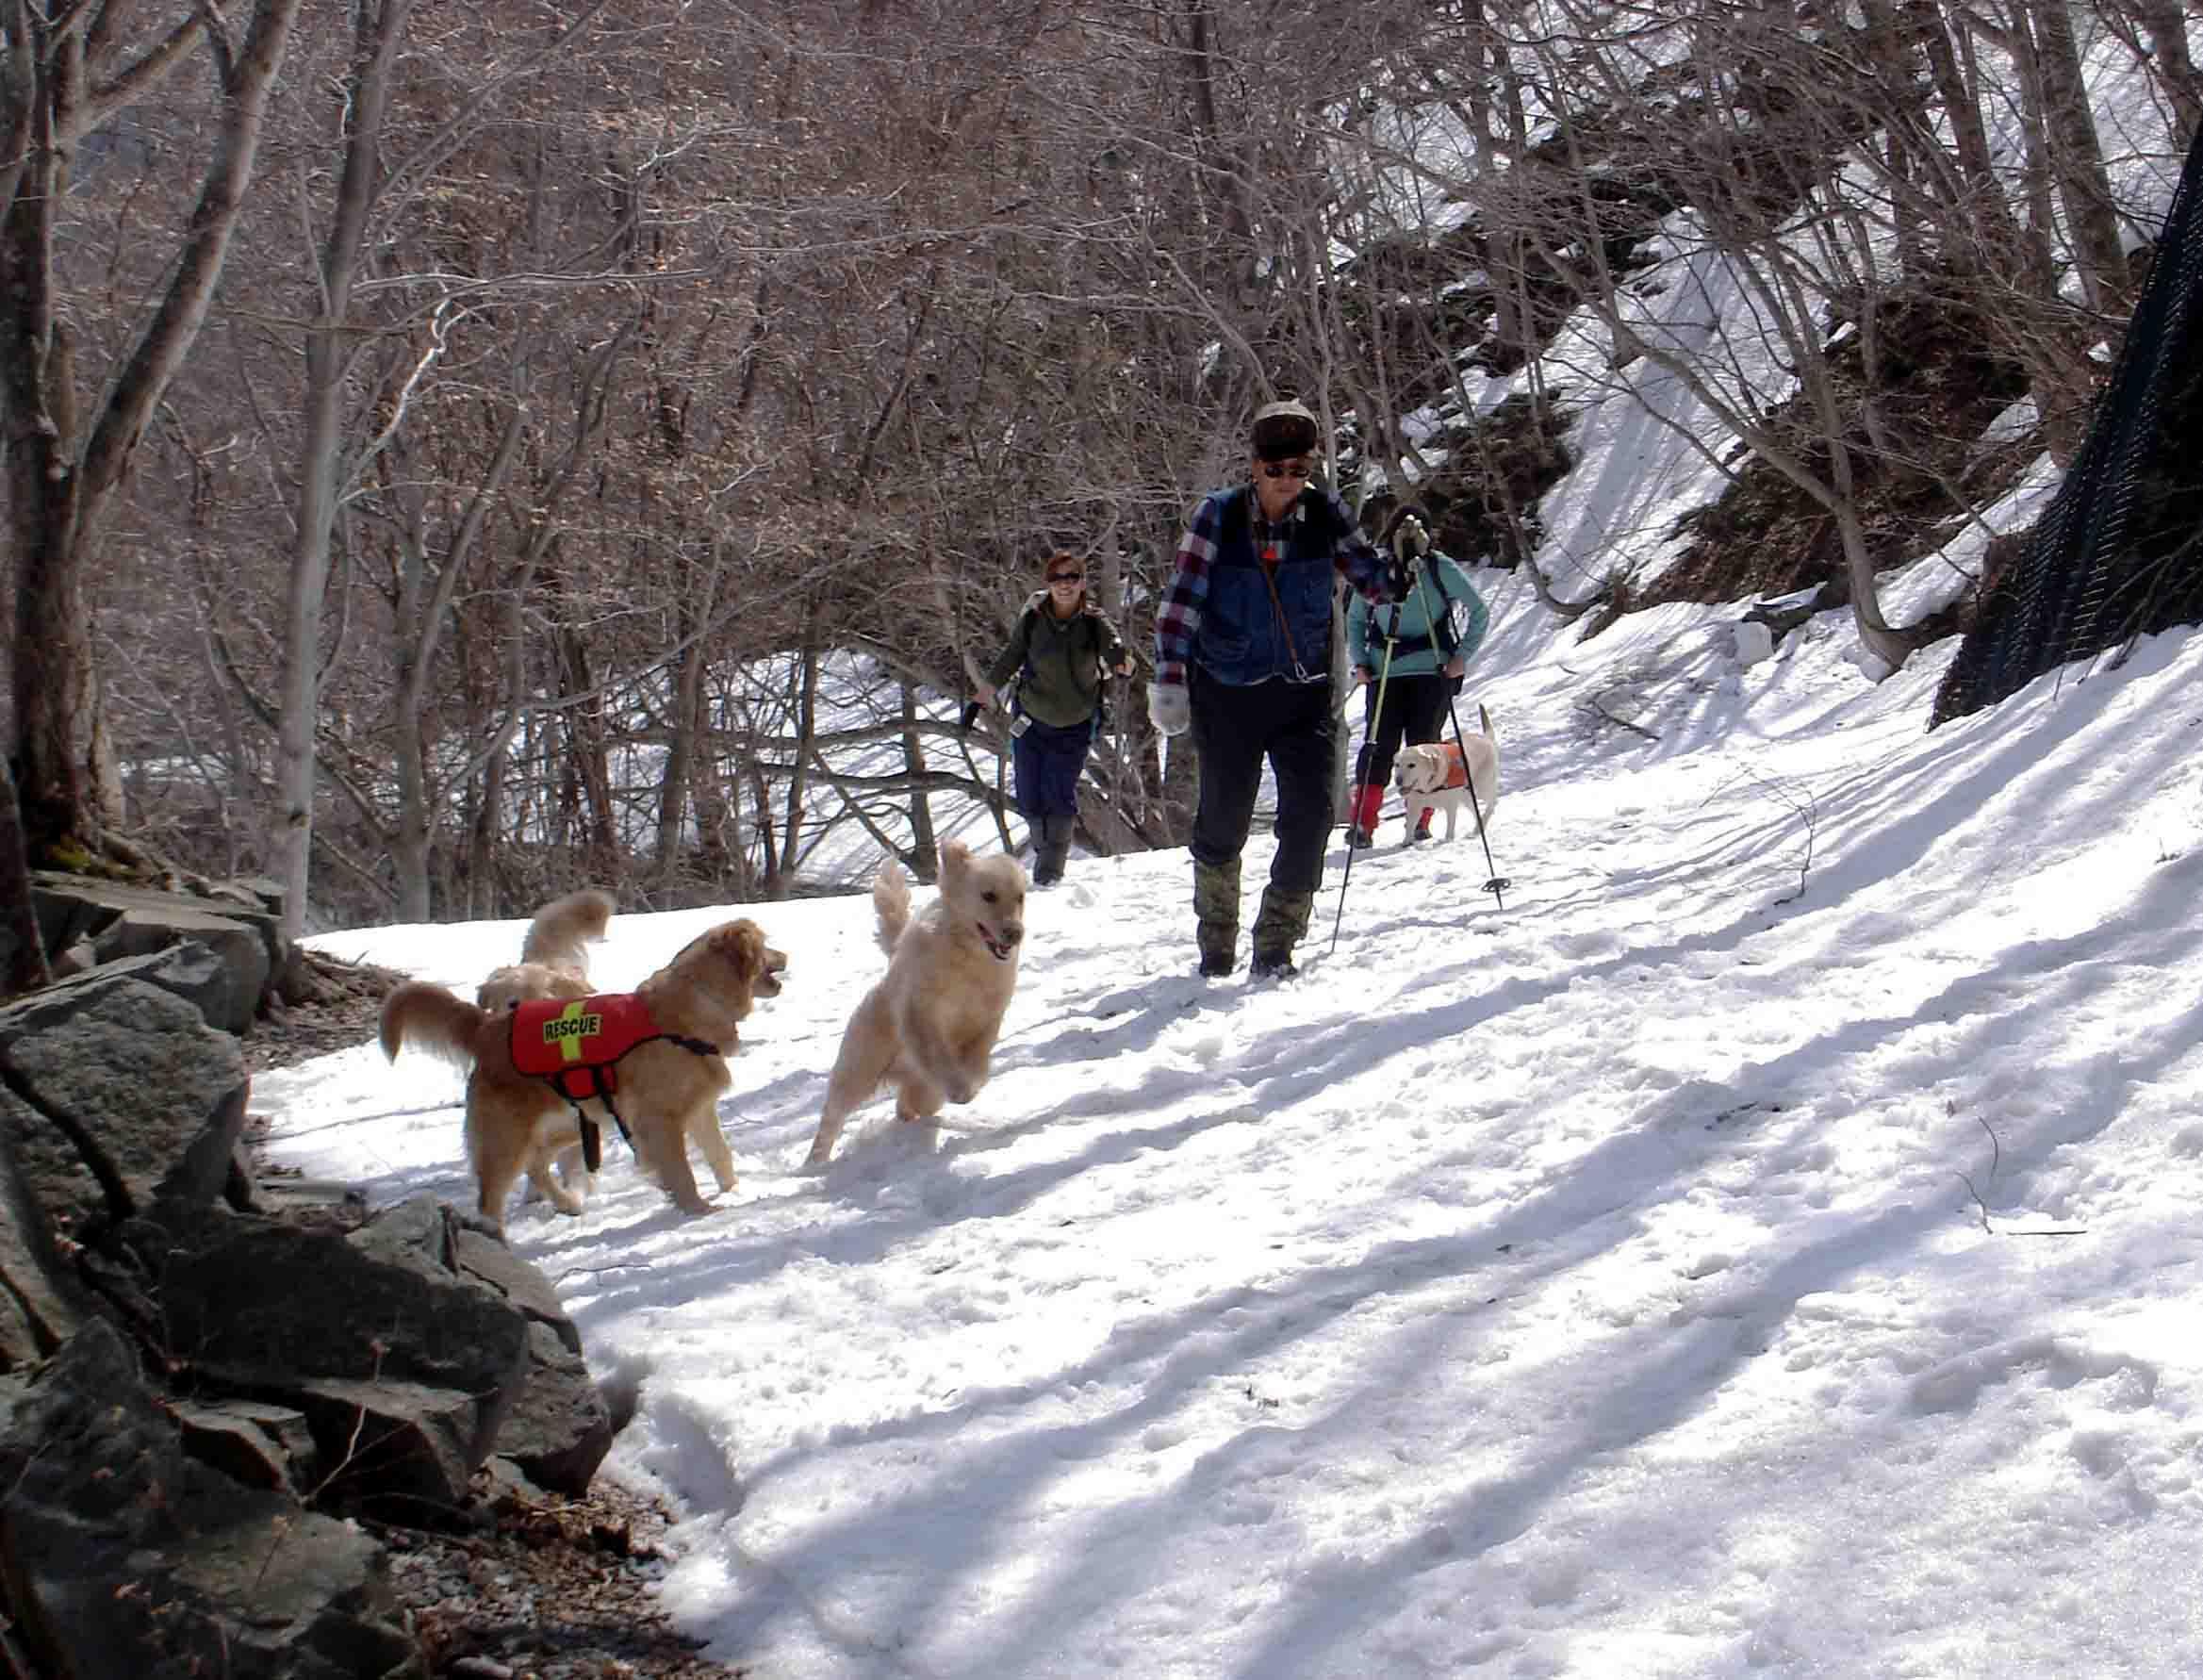 雪中訓練(6) マチガ沢への道